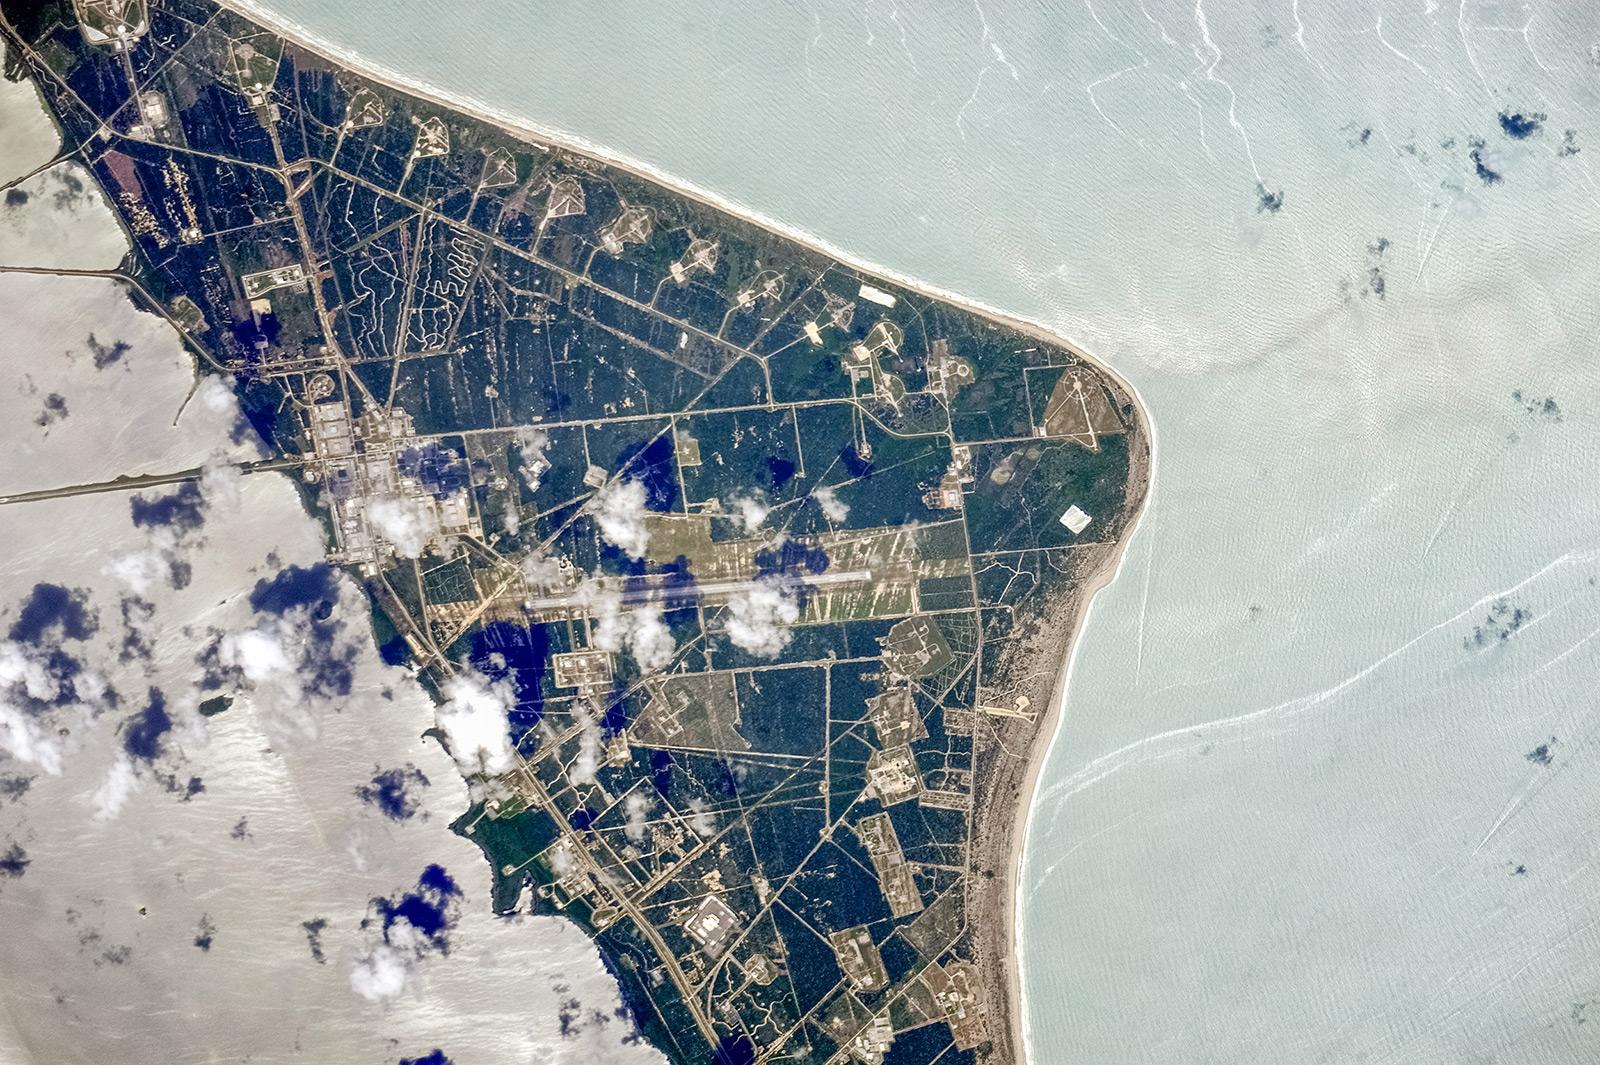 Круизный порт Canaveral, дорога из аэропорта Орландо • Форум Винского